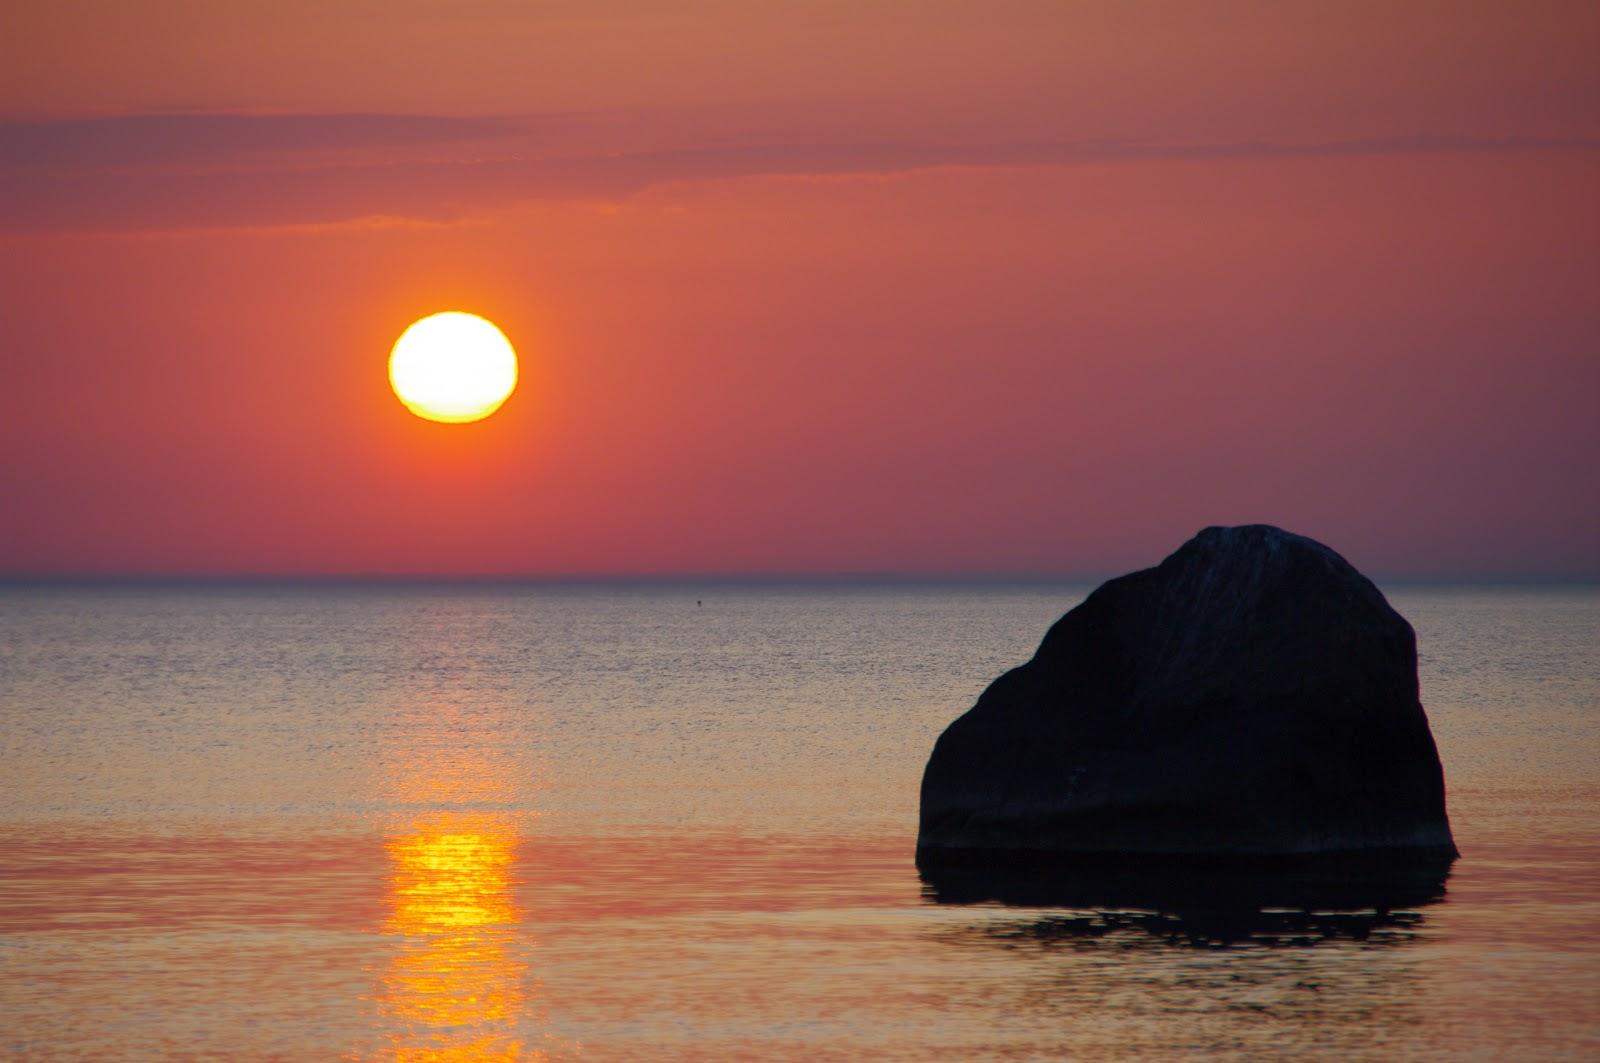 Kolga-Aabla loojang meri Kalev Vask sunset Eesti loodus Estonian nature Baltic sea